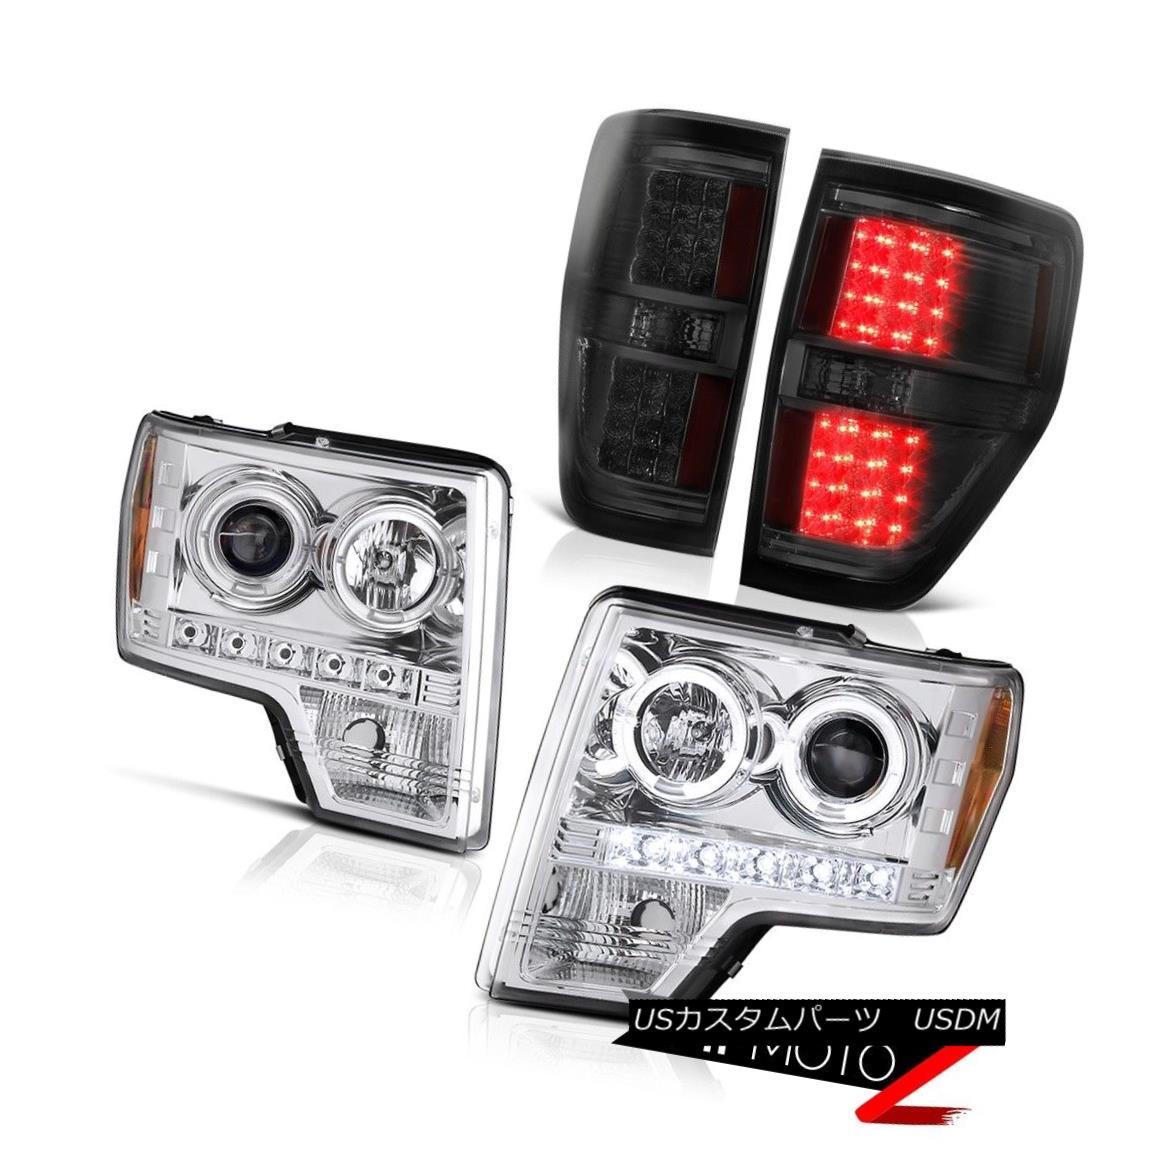 テールライト 2009-2014 F150 EcoBoost Halo Angel Eye LED Projector Headlight Smoke Tail Lights 2009-2014 F150 EcoBoostハローエンジェルアイLEDプロジェクターヘッドライト煙テールライト